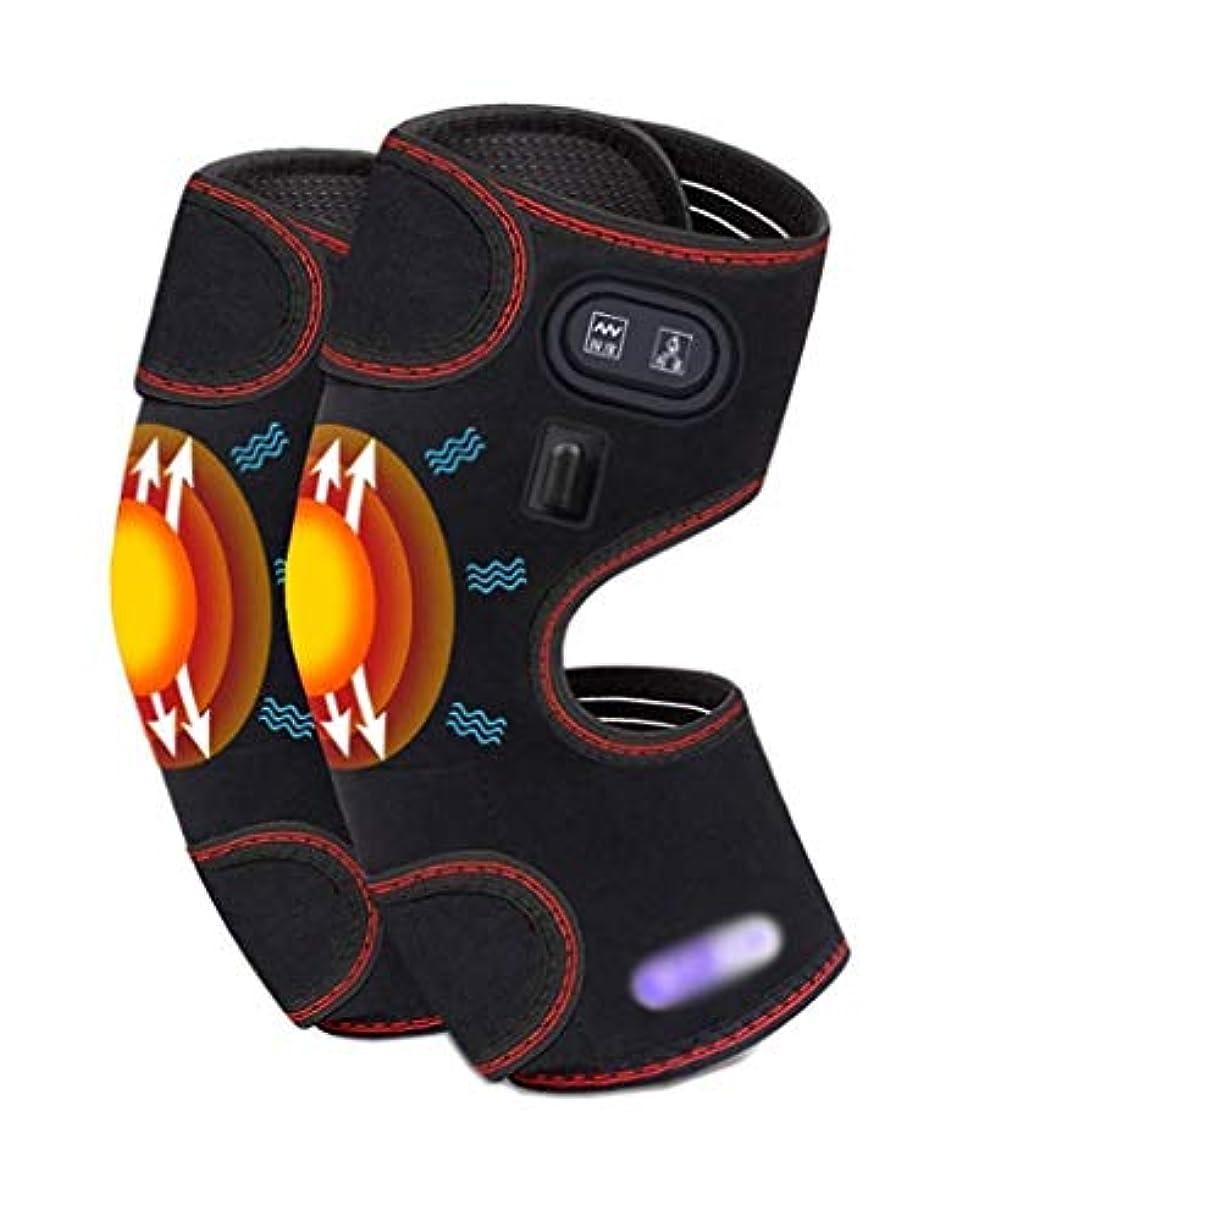 惑星重力競合他社選手電気加熱式膝パッド、レッグマッサージャー、カーボンファイバーヒーティングサイクル、3つのマッサージモード/ 3つの調整可能な温度、血液循環の促進、筋肉の弛緩、痛みの緩和